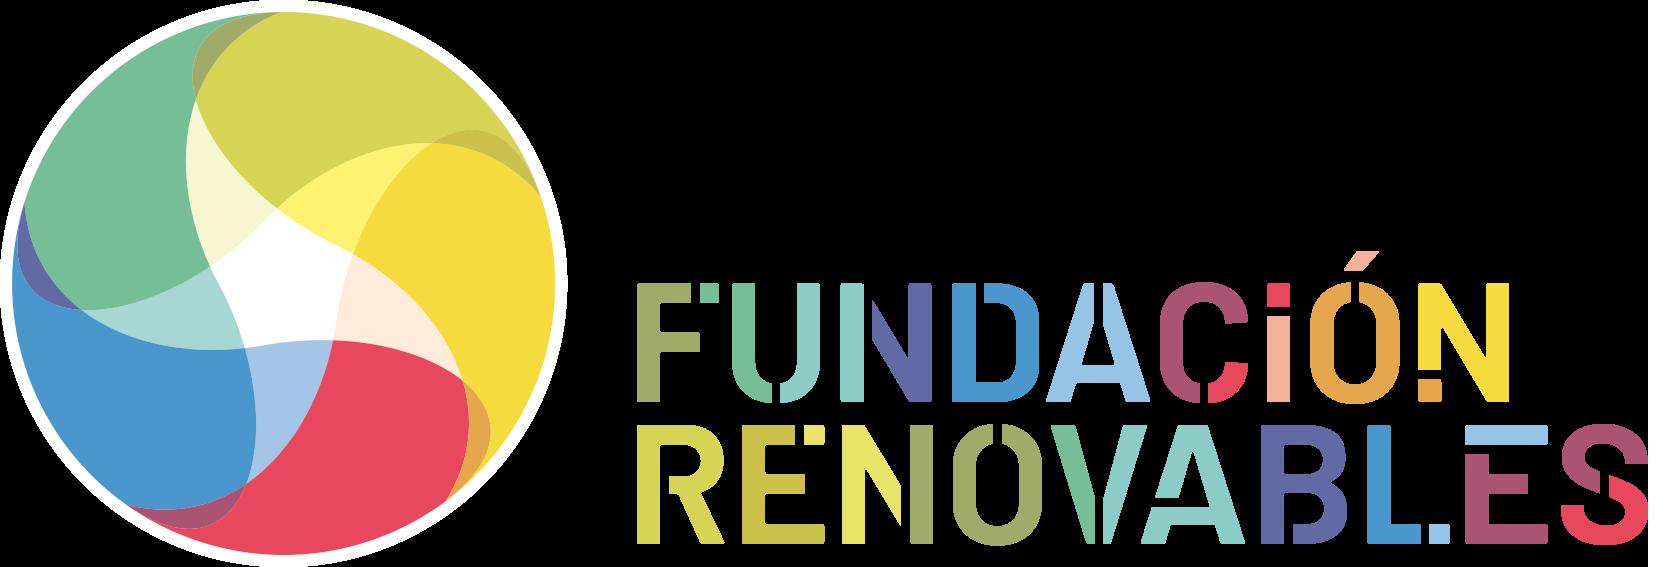 Fundación Renovables logo